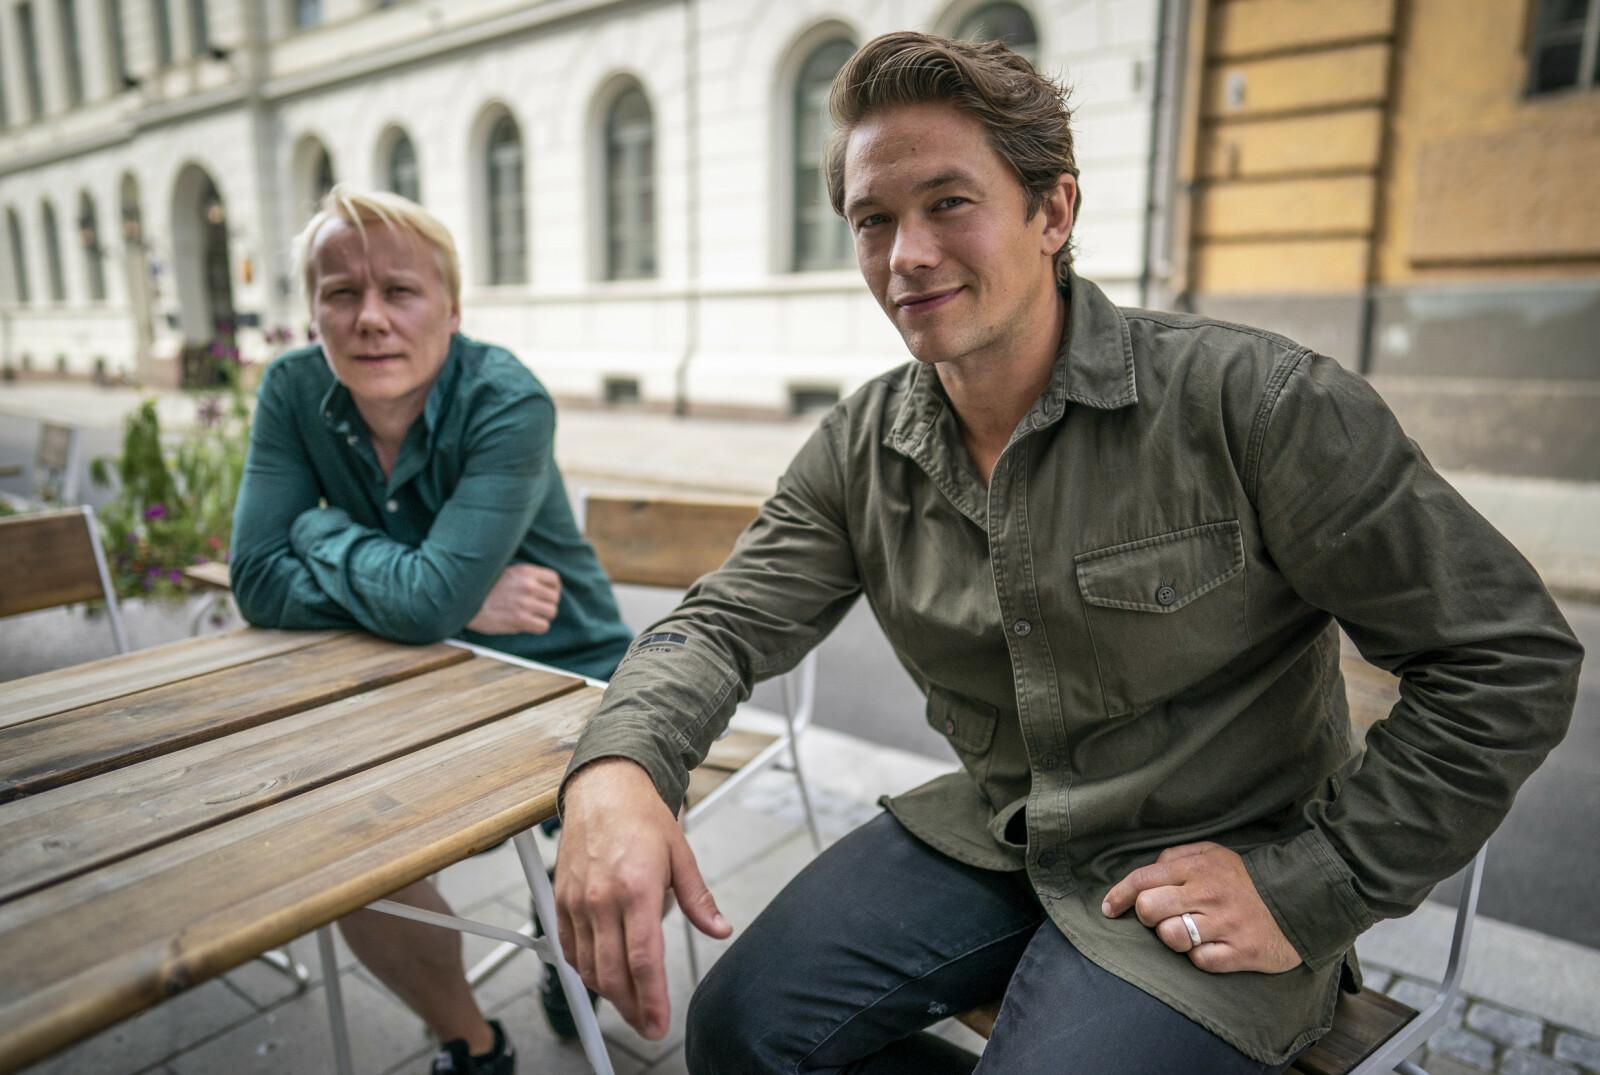 DEN STØRSTE FORBRYTELSEN: Skuespiller Jakob Oftebro og regissør Eirik Svensson var til stede på Cinemateket i Oslo i august, for å snakke om dramafilmen Den store forbrytelsen, som har premiere 1. juledag. FOTO: Heiko Junge / NTB scanpix